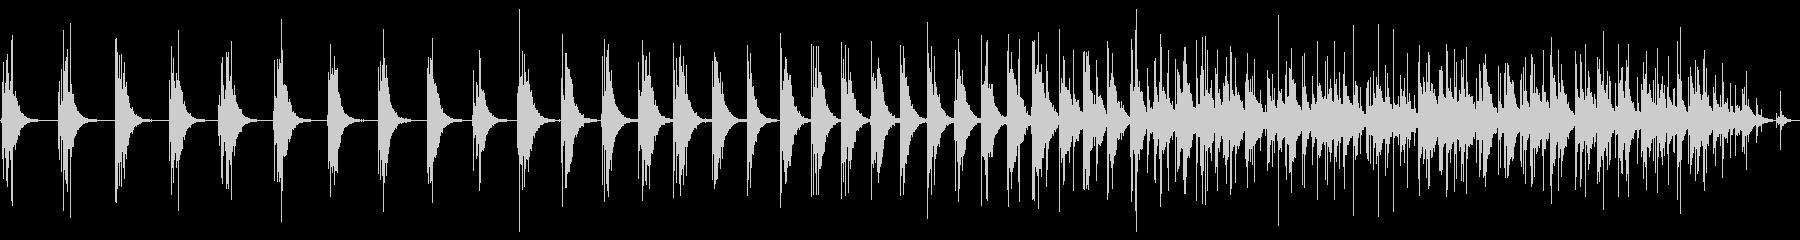 スモールスタジオオーディエンス:女...の未再生の波形